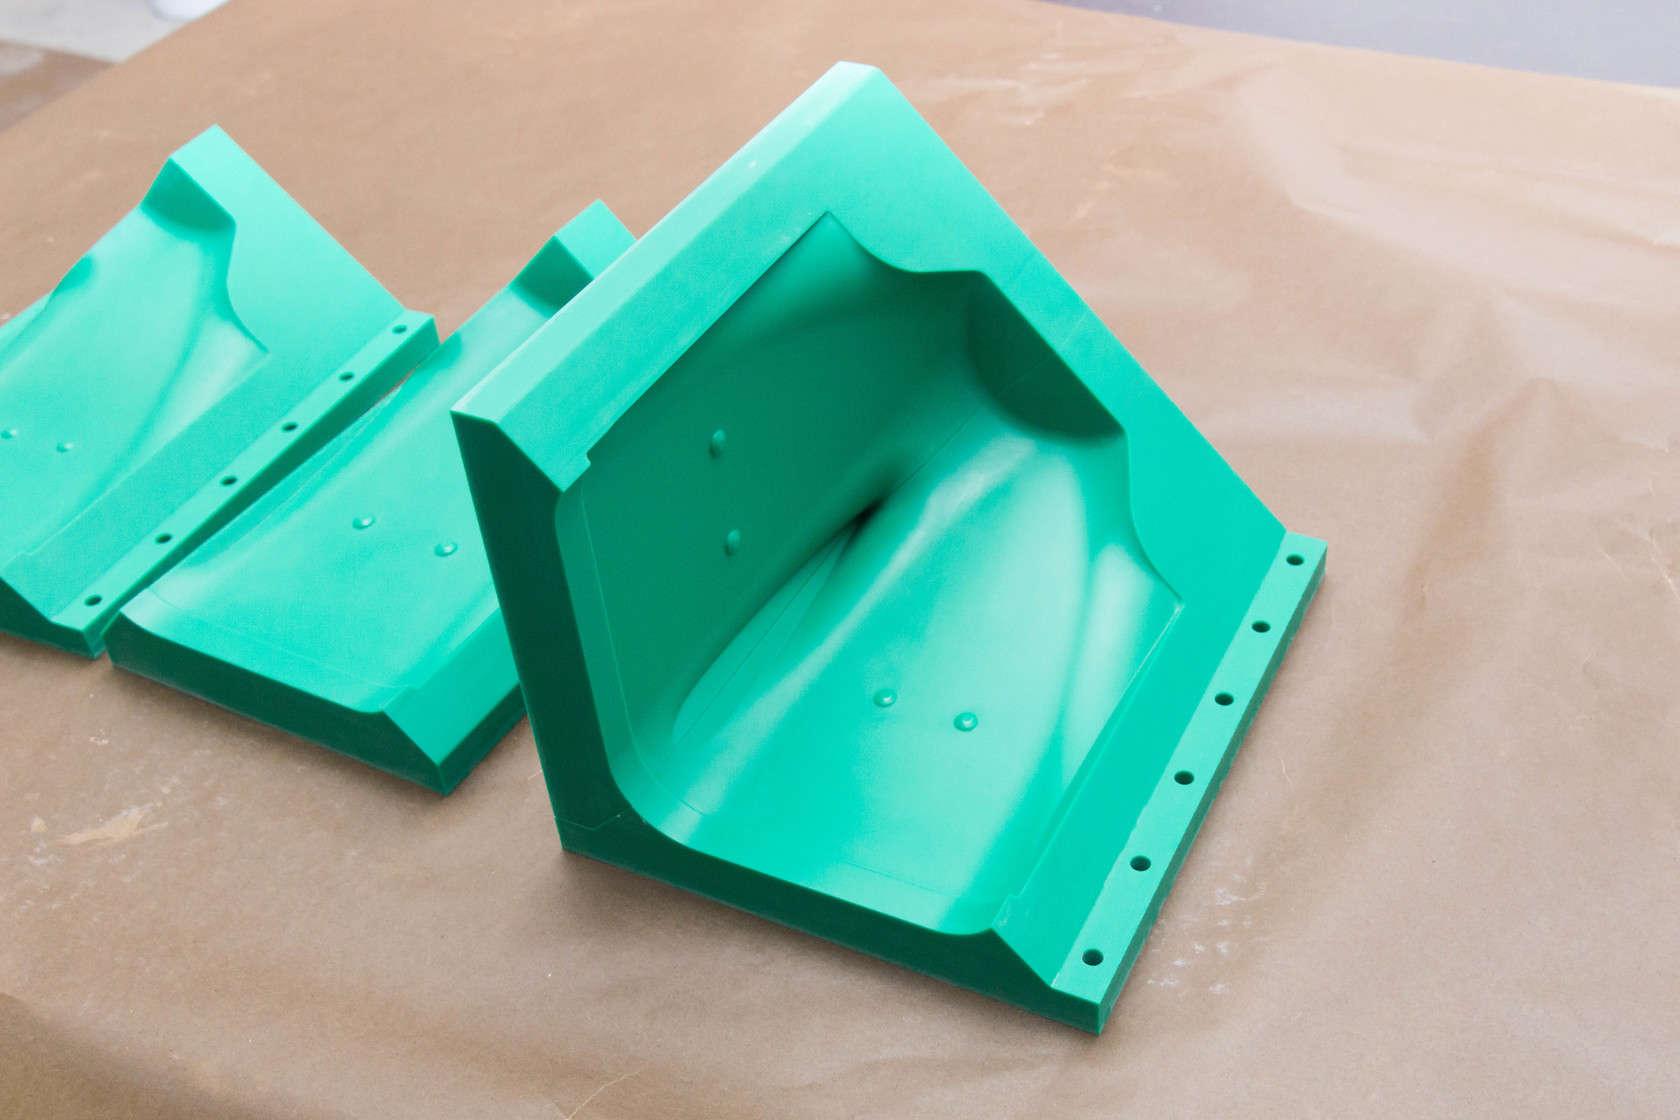 изготовление матрицы из стеклопластика своими руками